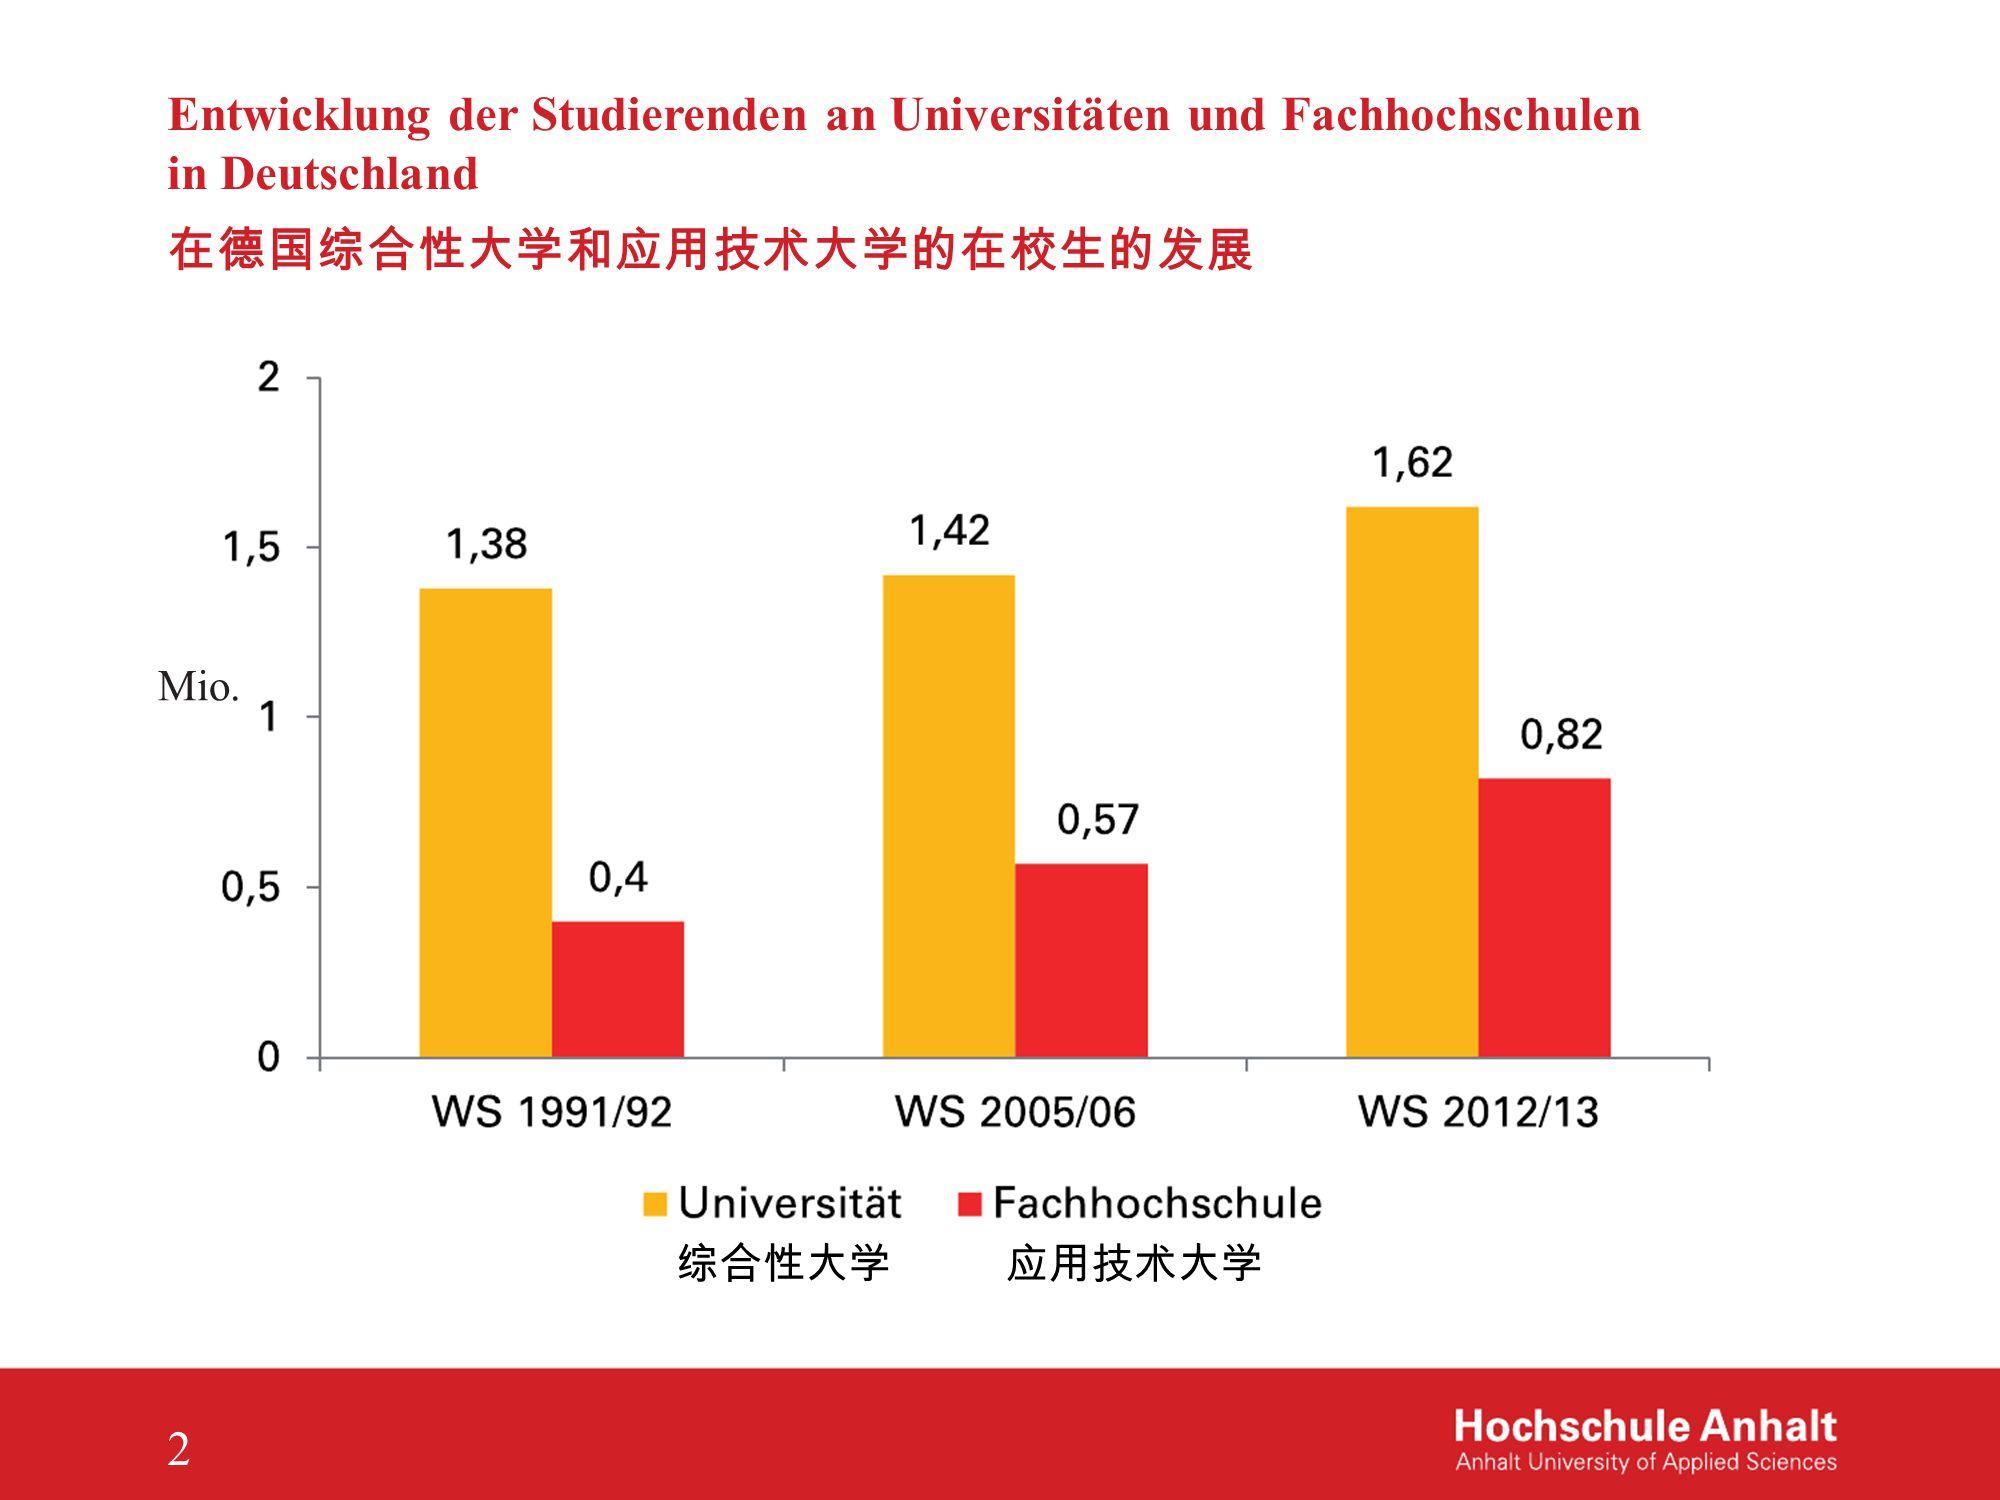 Entwicklung der Studierenden an Universitäten und Fachhochschulen in Deutschland 在德国综合性大学和应用技术大学的在校生的发展 Mio. 2 综合性大学 应用技术大学